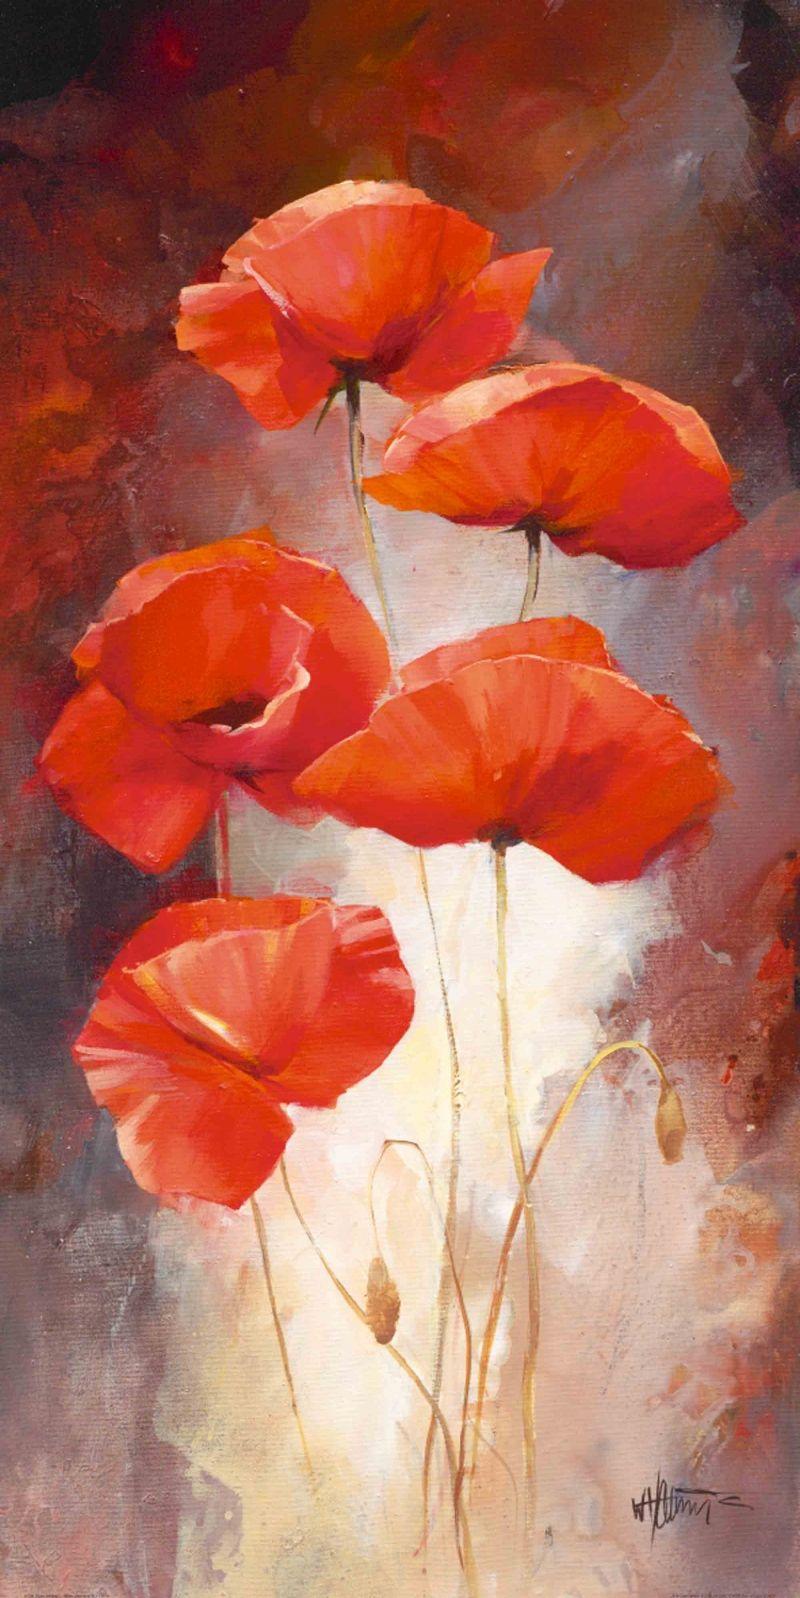 Willem Haenraets Floral Still Life Blumen Malen Acryl Mohn Malerei Und Blumen Gemalde